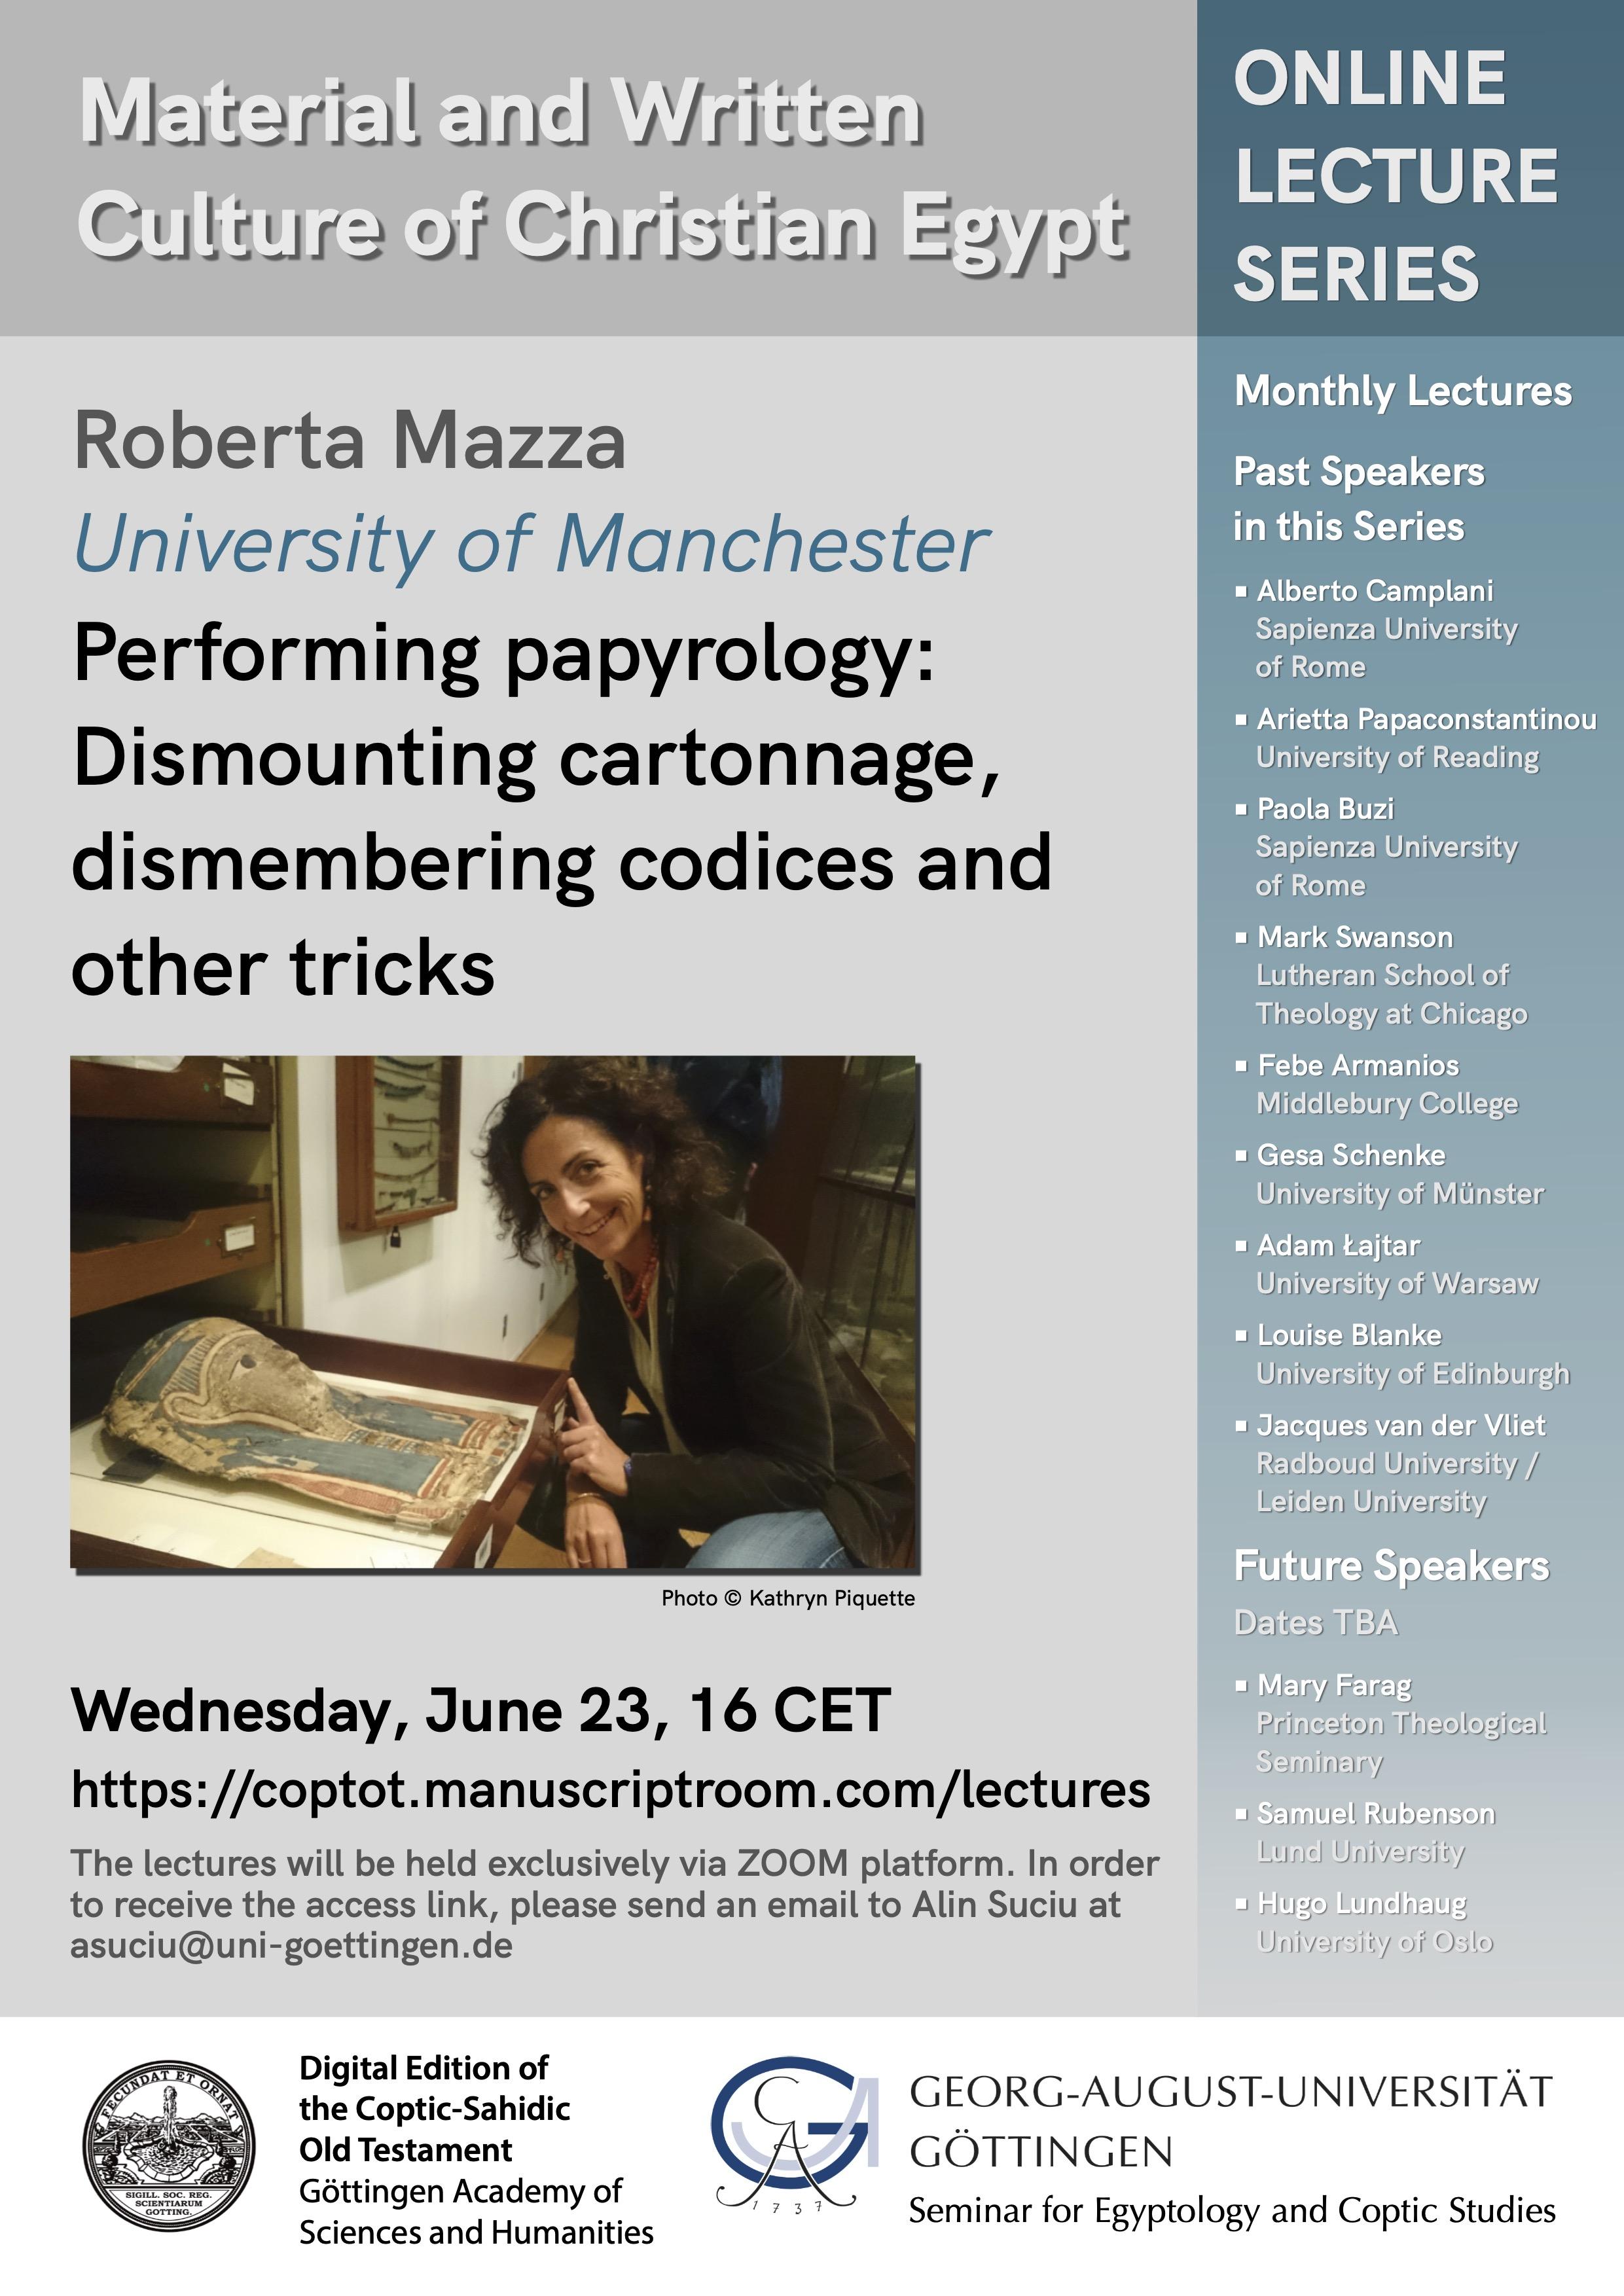 MWCCE Lecture Roberta Mazza.jpg